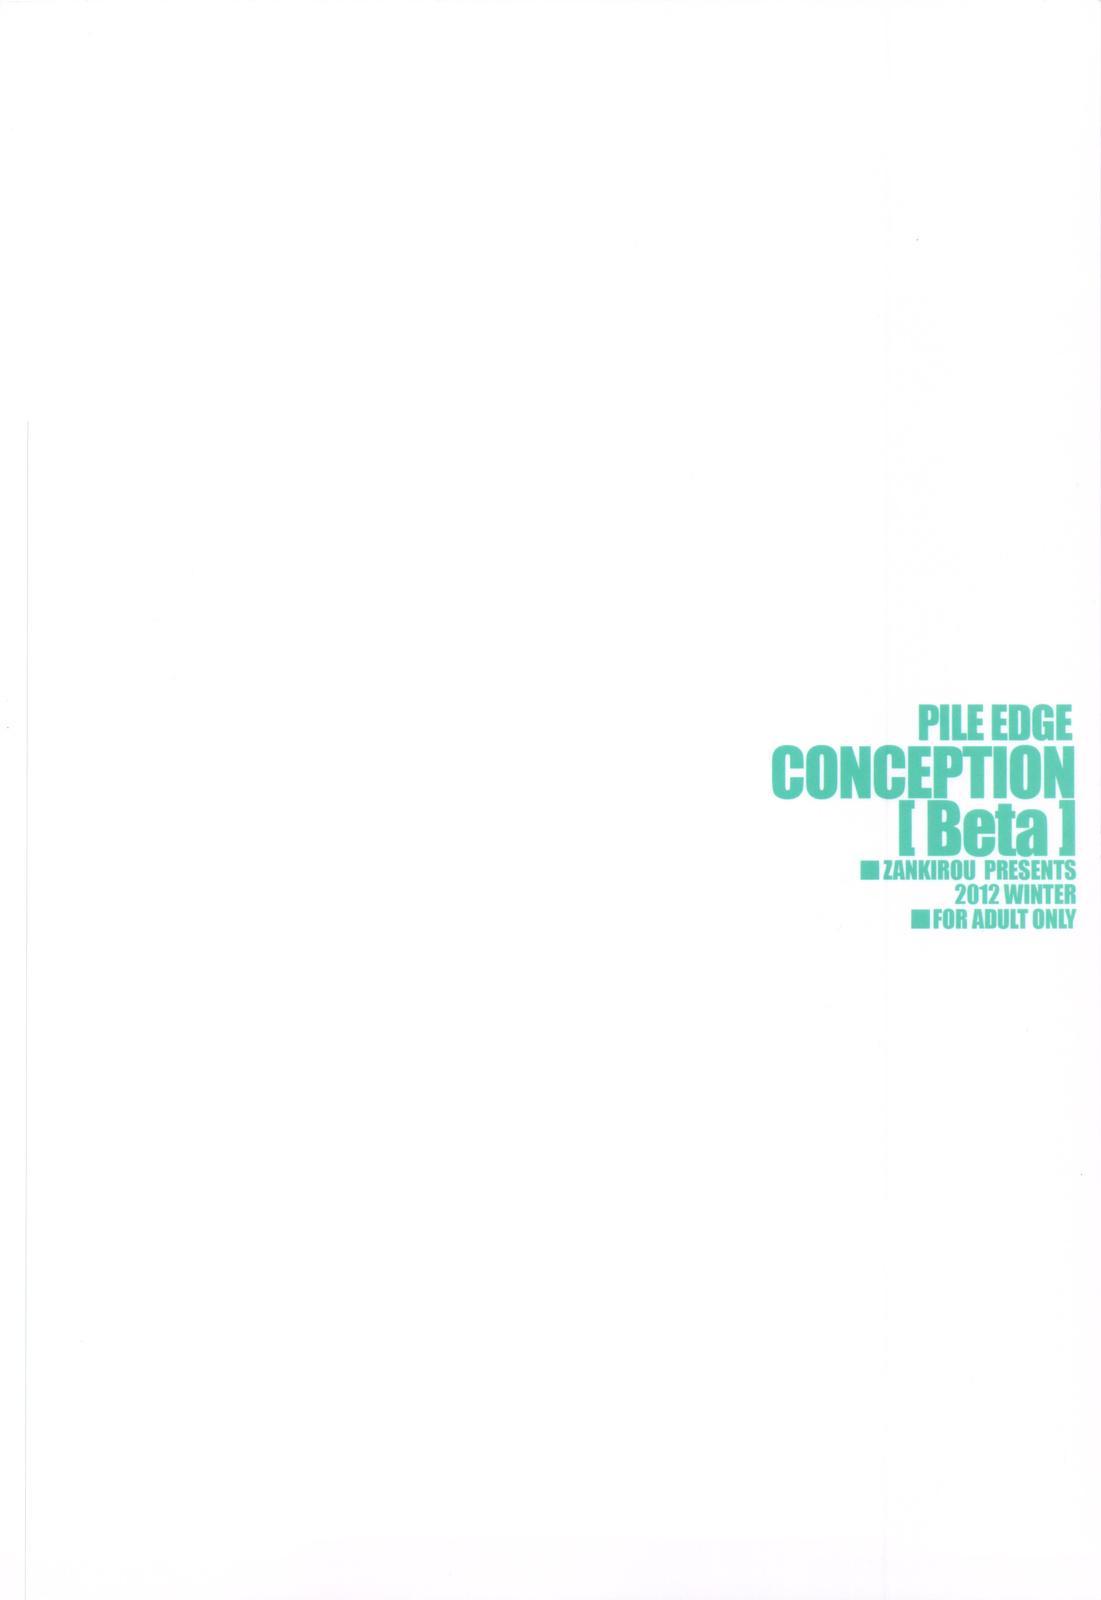 PILEDGE CONCEPTION 31